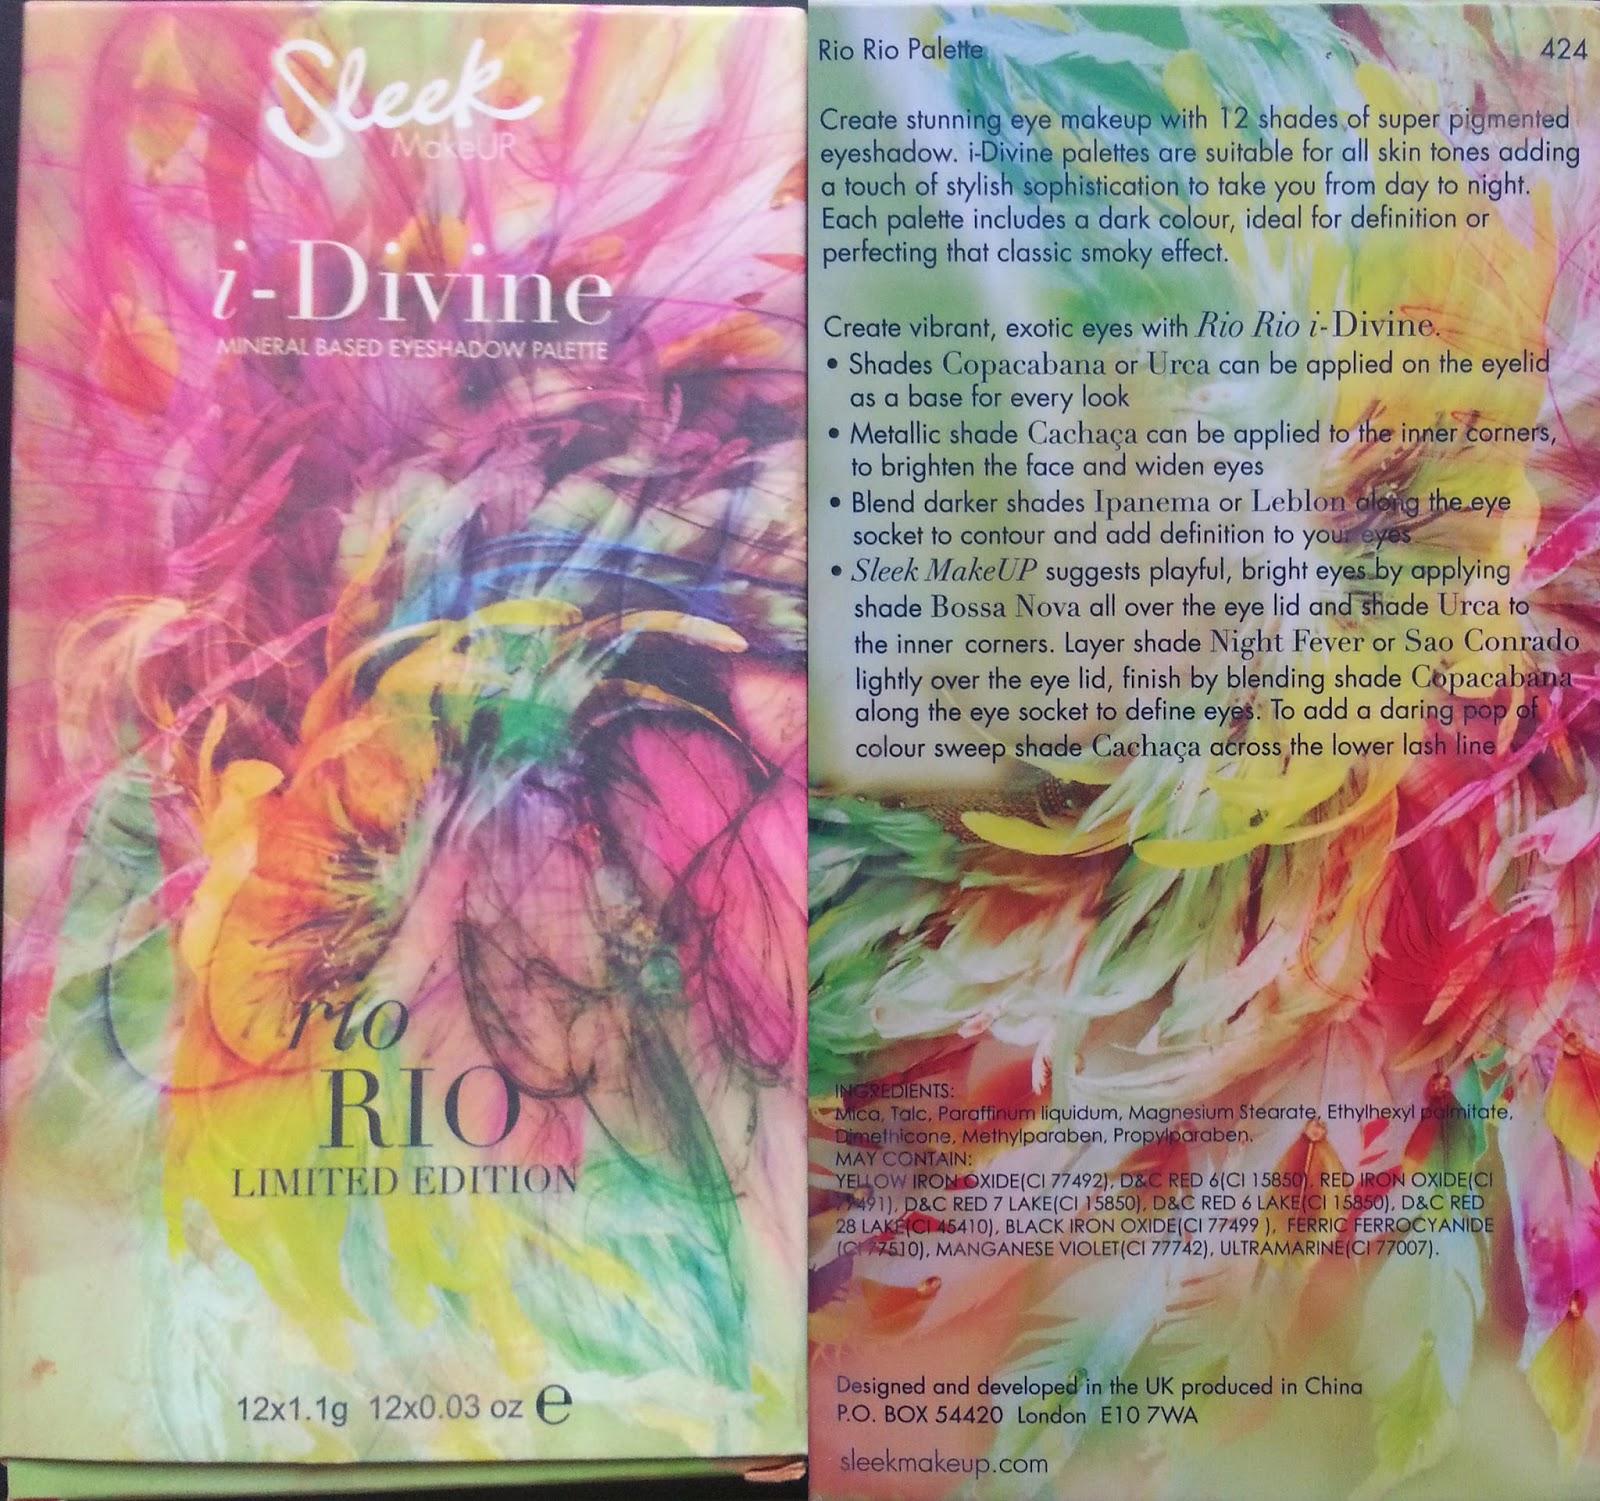 palette Rio Rio Sleek MakeUP, Sleek i-divine palette, rio rio sleek swatches